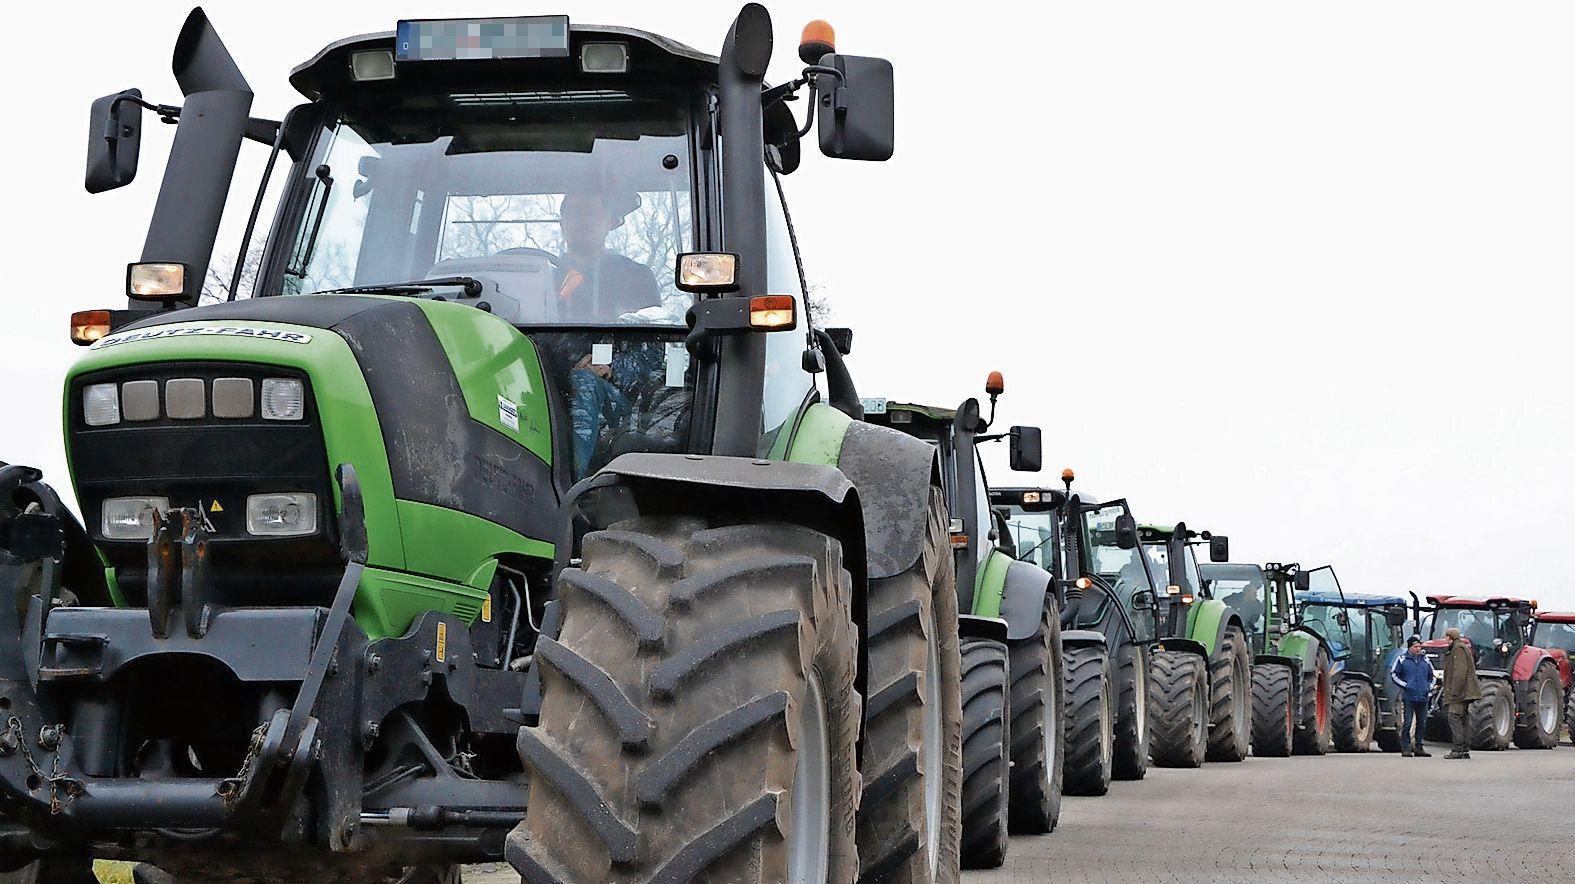 Machen auf sich aufmerksam: Seit Wochen fordern Landwirte eine faire Bezahlung - so wie vergangene Woche, als einige von ihnen aus dem Kreis Cloppenburg nach Lingen aufbrachen. Foto: Meyer